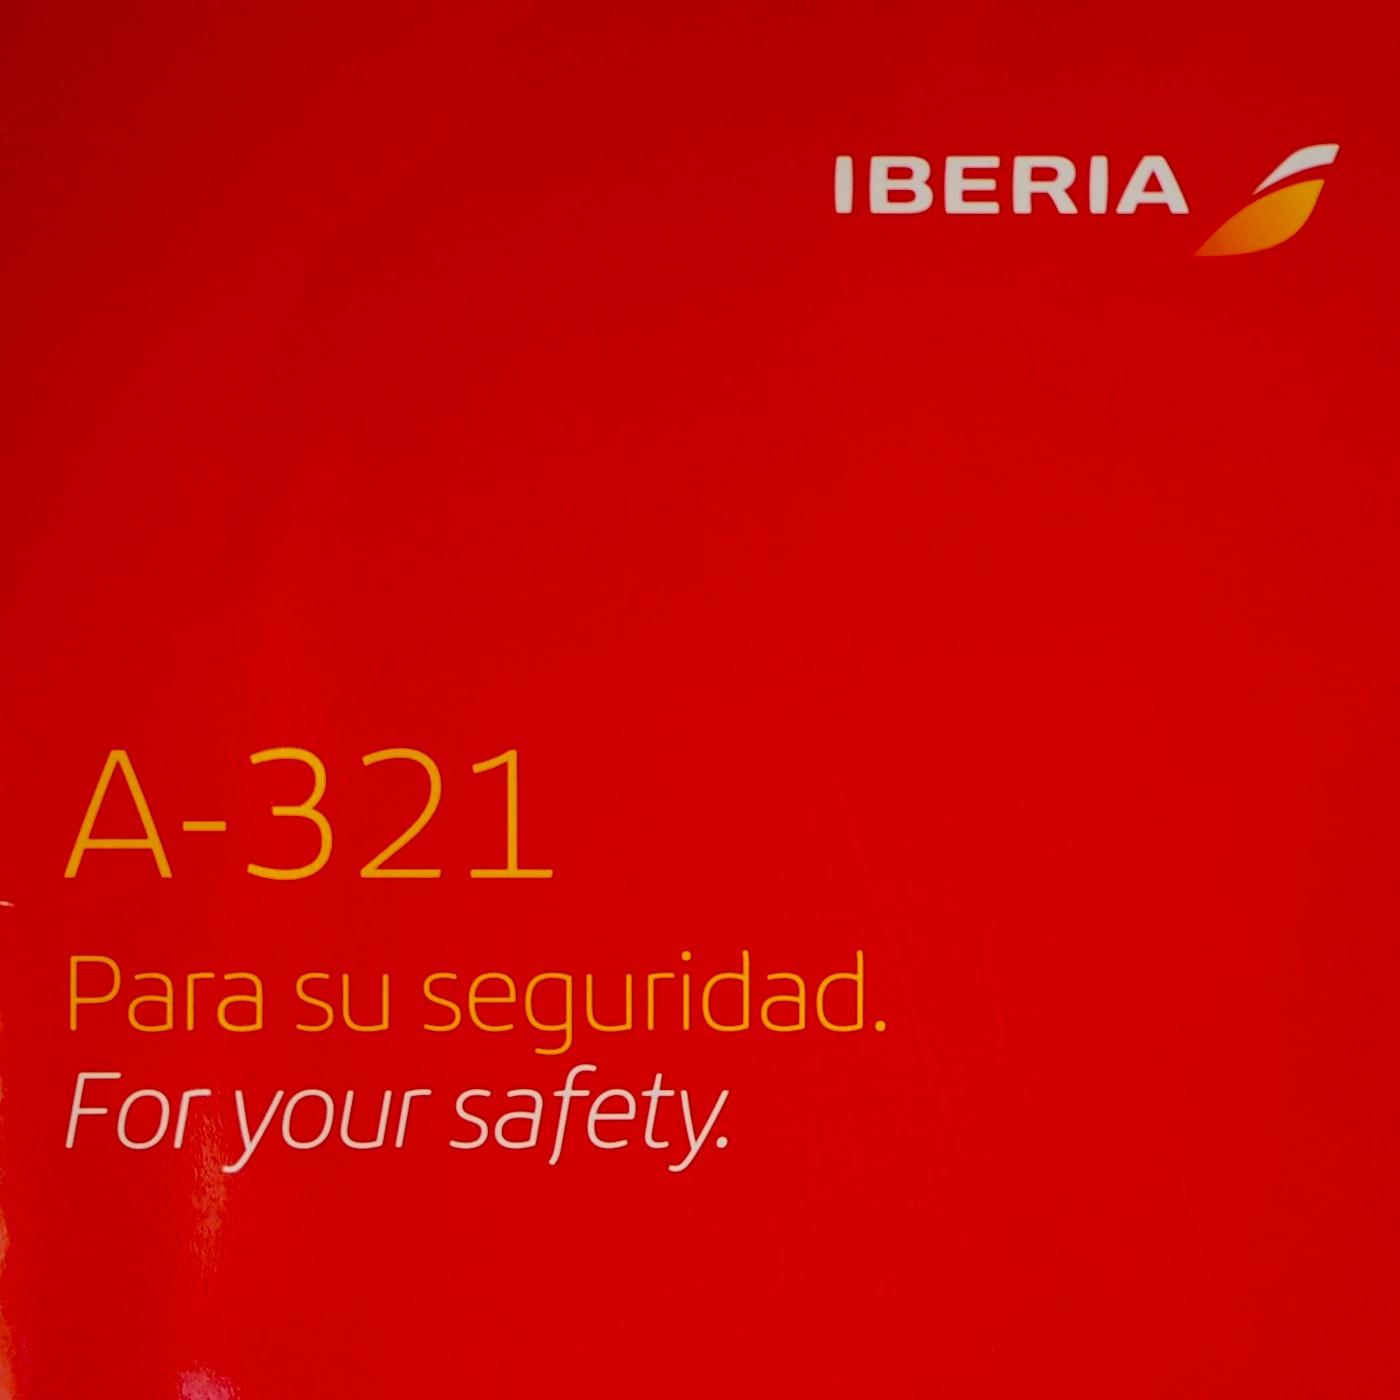 イベリア航空も長距離路線用機材にプレミアムエコノミークラス導入へ!(A333/346/359が対象)